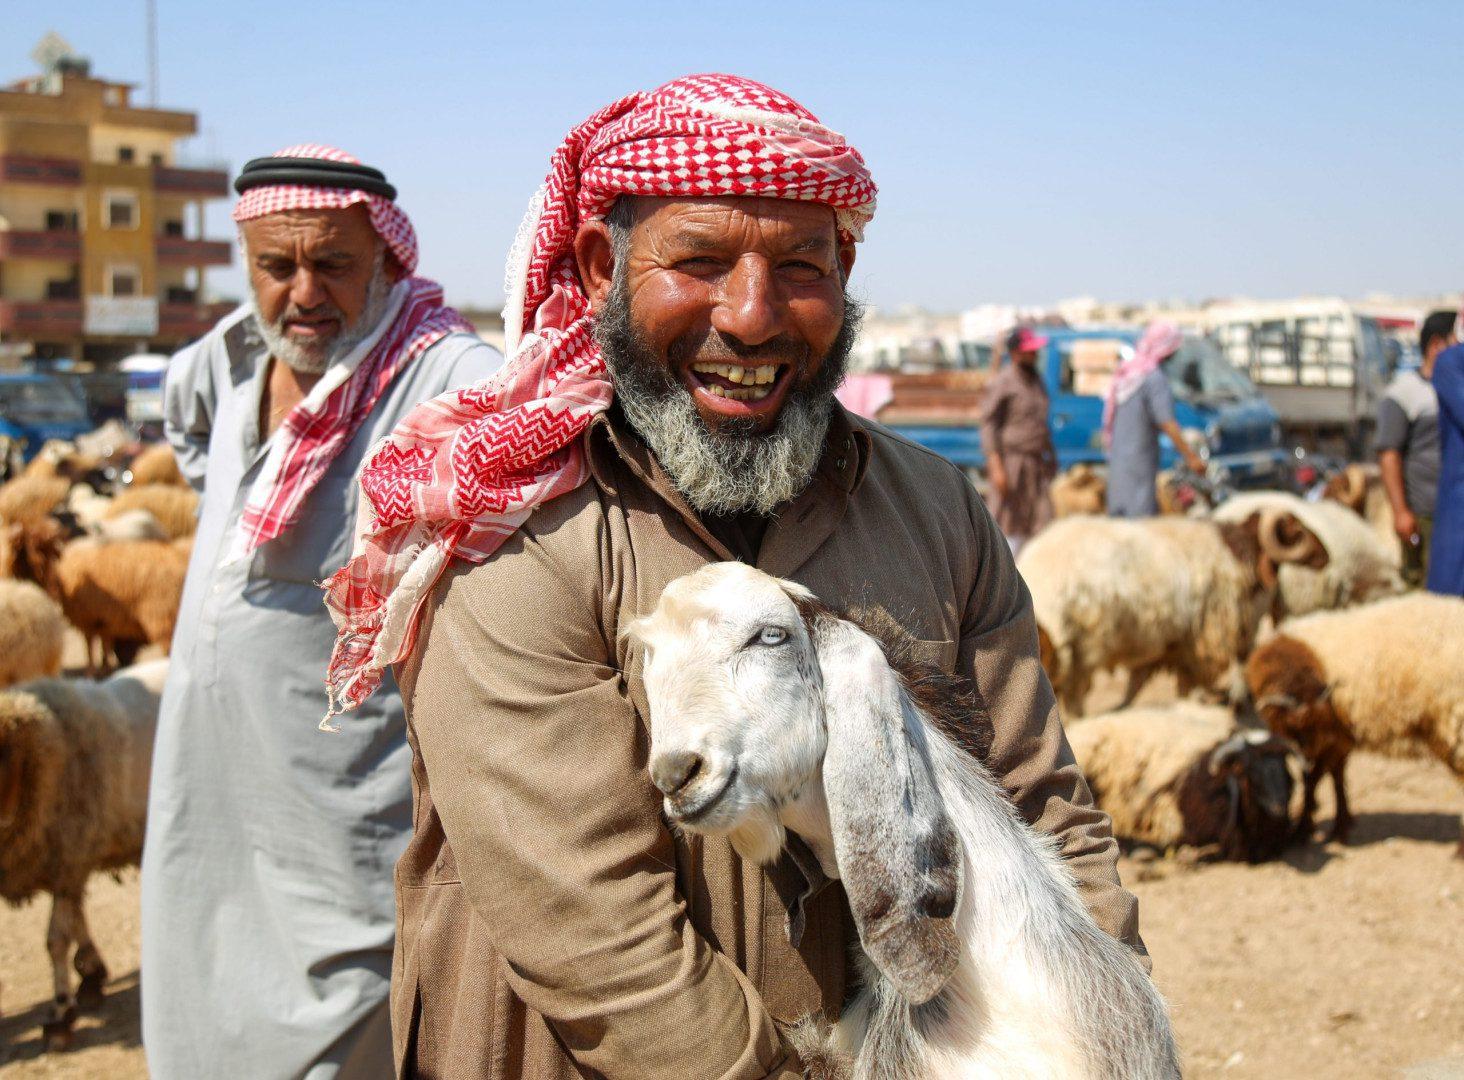 رجل يحمل معزاة مبتسماً، في سوق الأغنام بمحافظة إدلب شمال غرب سوريا، عشية عيد الأضحى، في 17/ 7/ 2021